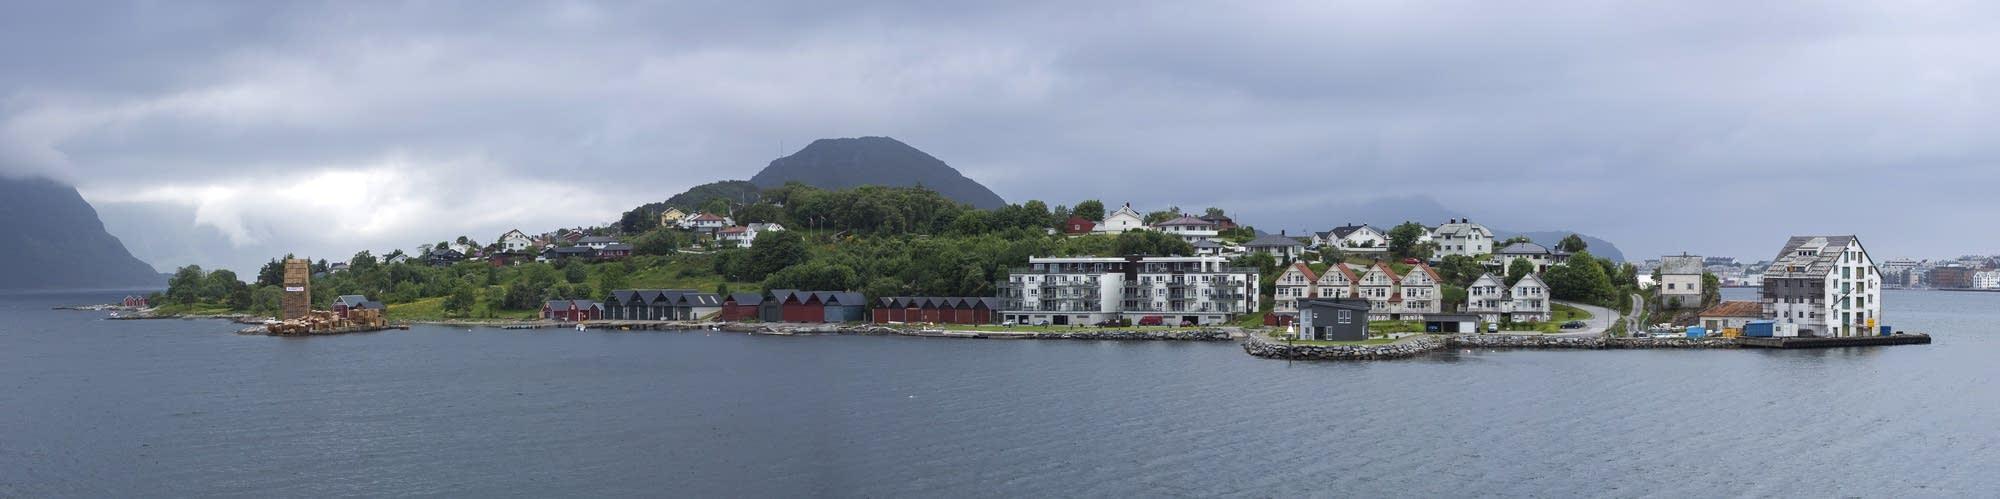 Alesund - 34 - peninsula panorama